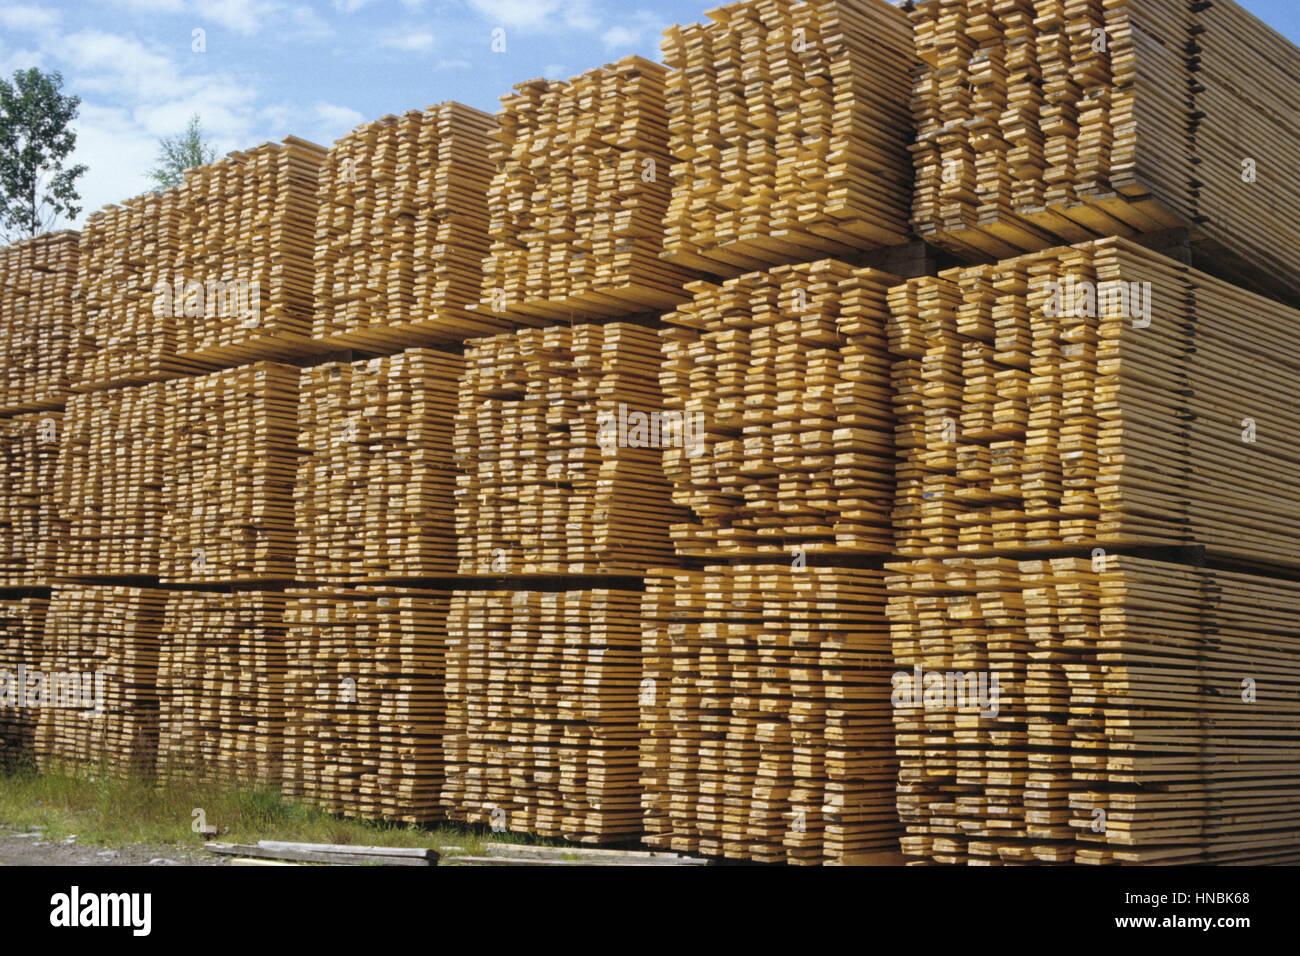 SAWED WOOD PRODUCTS gestapelt zur Trocknung und warten für den export Stockbild